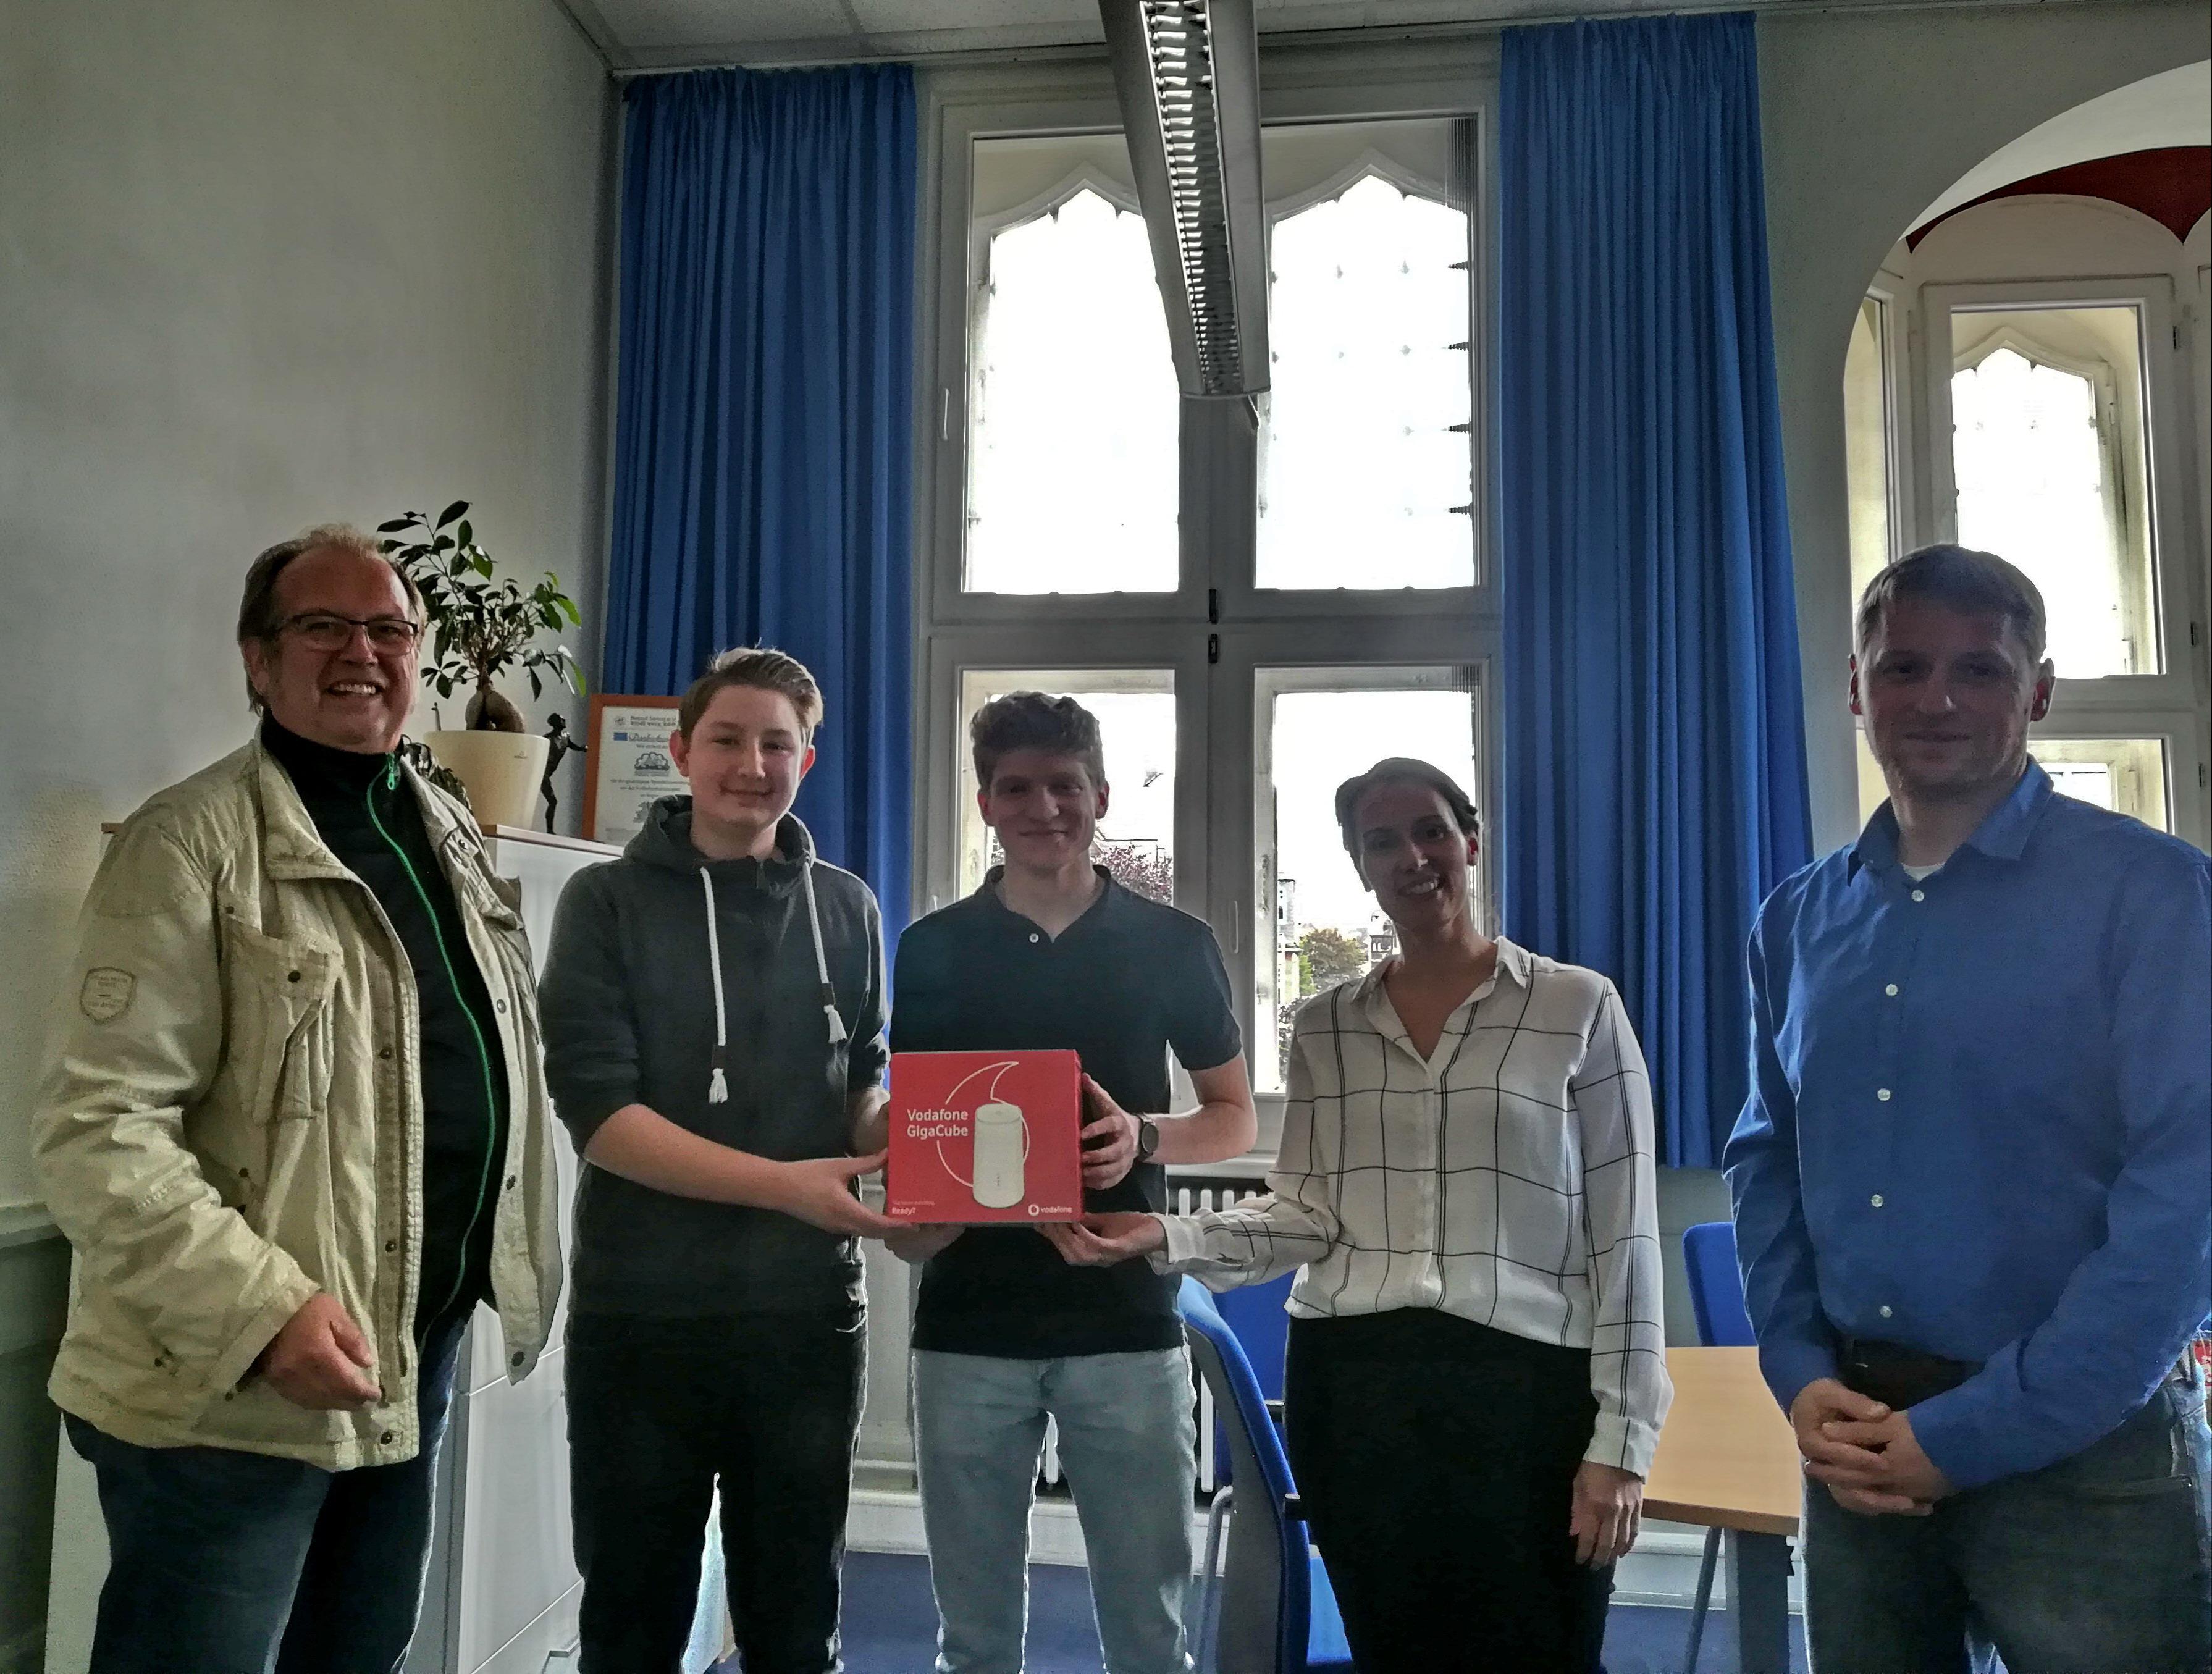 Mai 2019: Förderverein unterstützt den Netzausbau der Augustinerschule